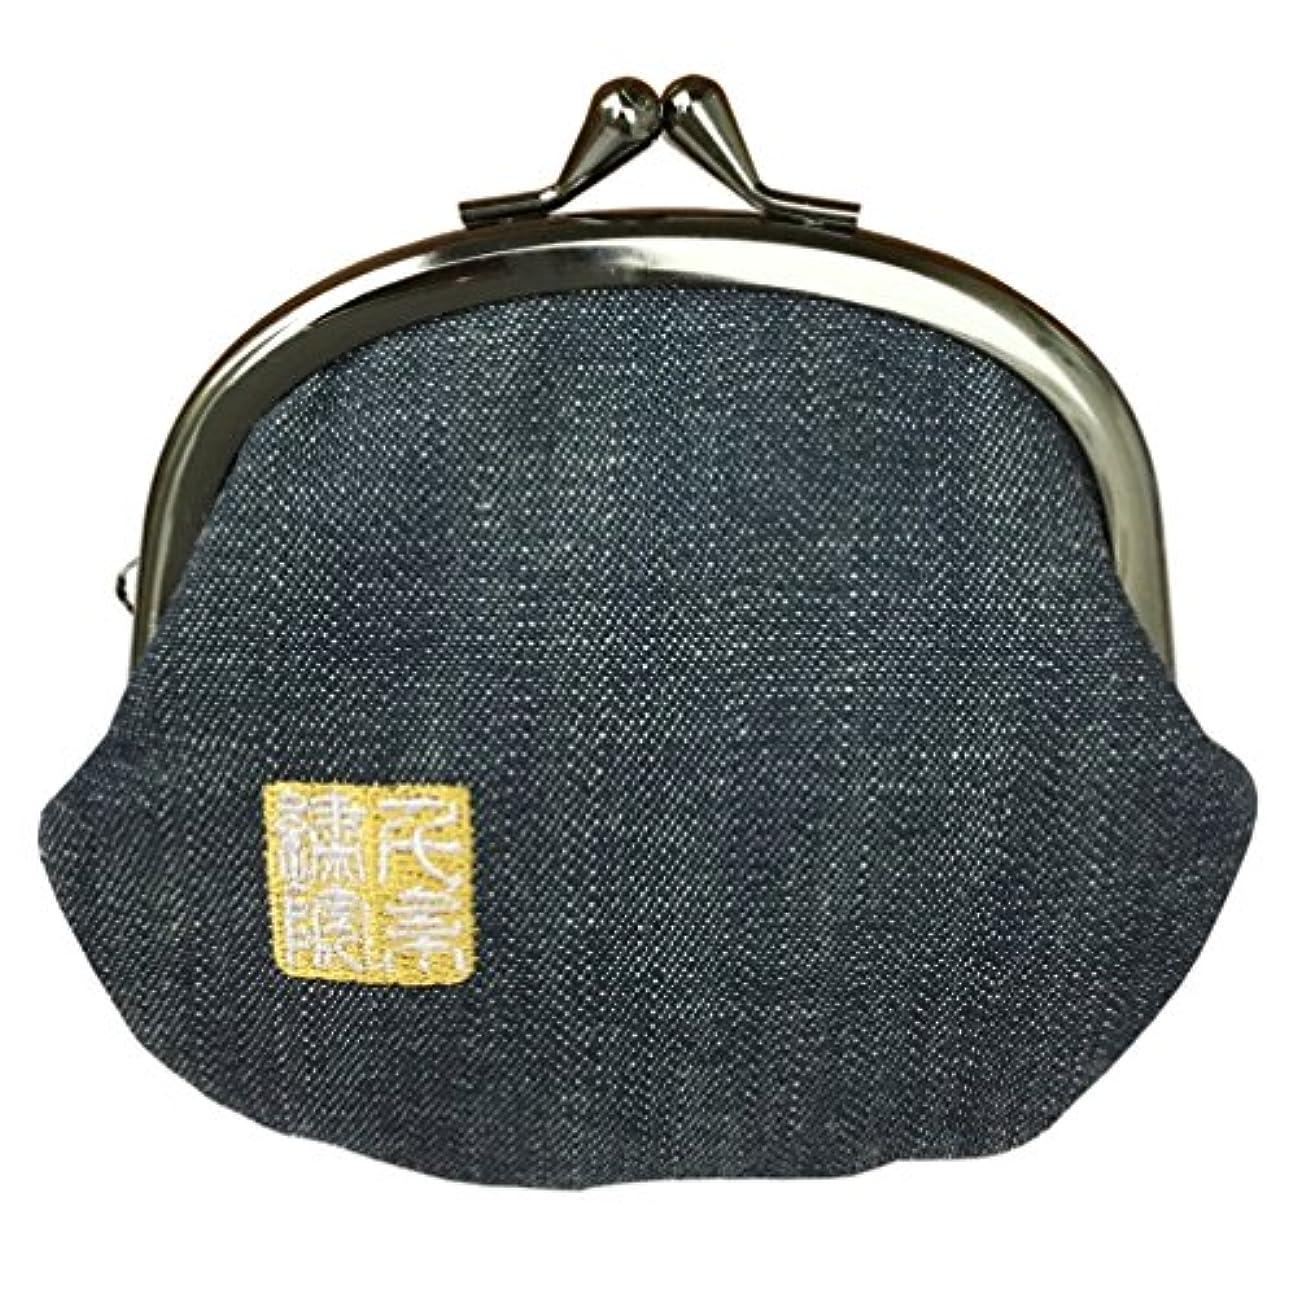 ナース目立つ承認する千糸繍院 西陣織 金襴 がま口 3.5寸丸型財布/小銭入れ(裏地付き)